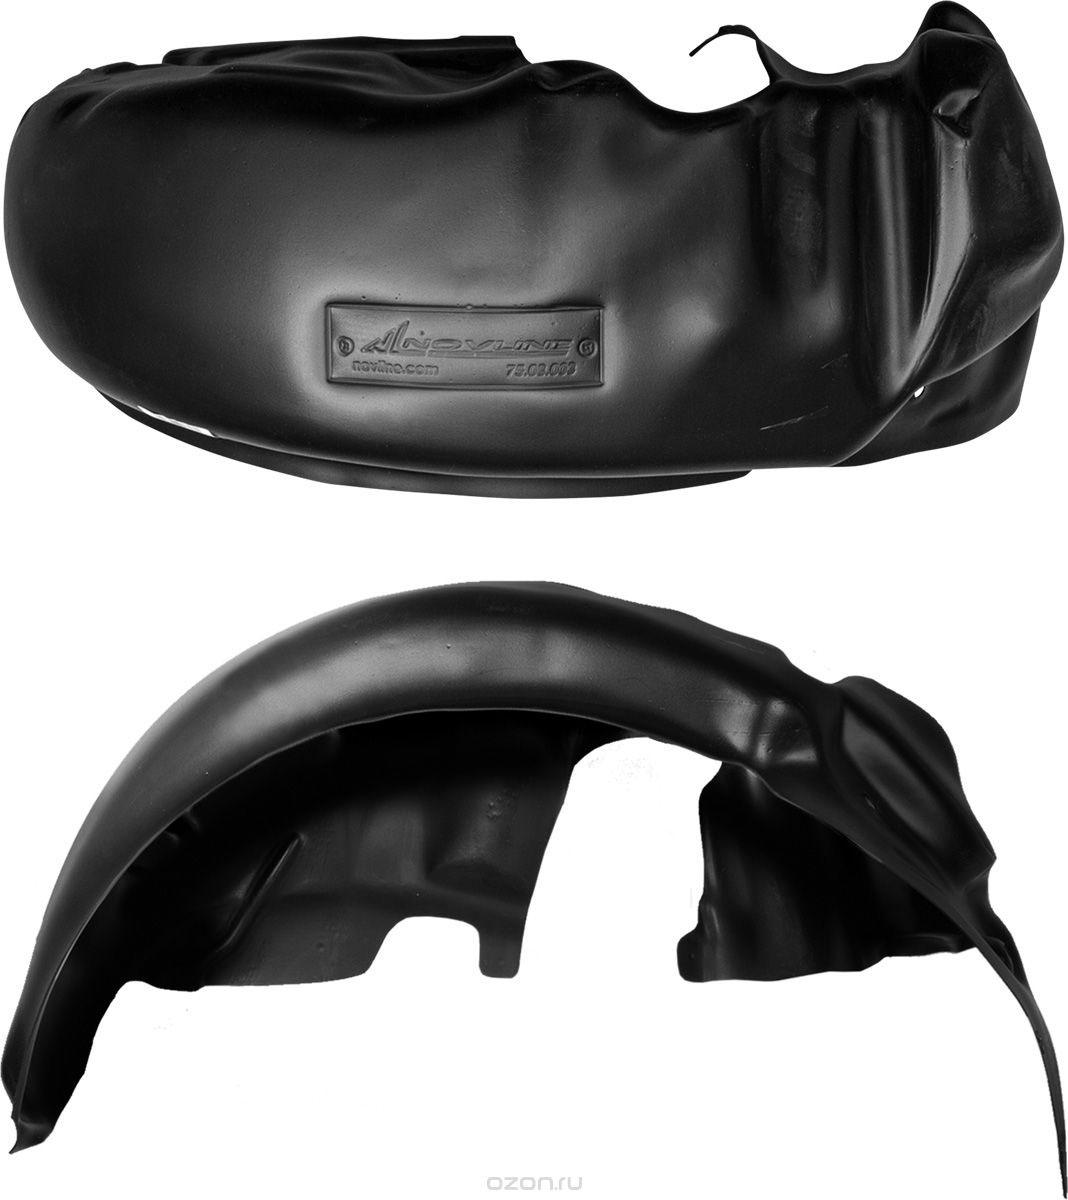 Подкрылок Novline-Autofamily, для НИВА 4*4 2009->, задний правыйNLL.52.20.004Идеальная защита колесной ниши. Локеры разработаны с применением цифровых технологий, гарантируют максимальную повторяемость поверхности арки. Изделия устанавливаются без нарушения лакокрасочного покрытия автомобиля, каждый подкрылок комплектуется крепежом. Уважаемые клиенты, обращаем ваше внимание, что фотографии на подкрылки универсальные и не отражают реальную форму изделия. При этом само изделие идет точно под размер указанного автомобиля.